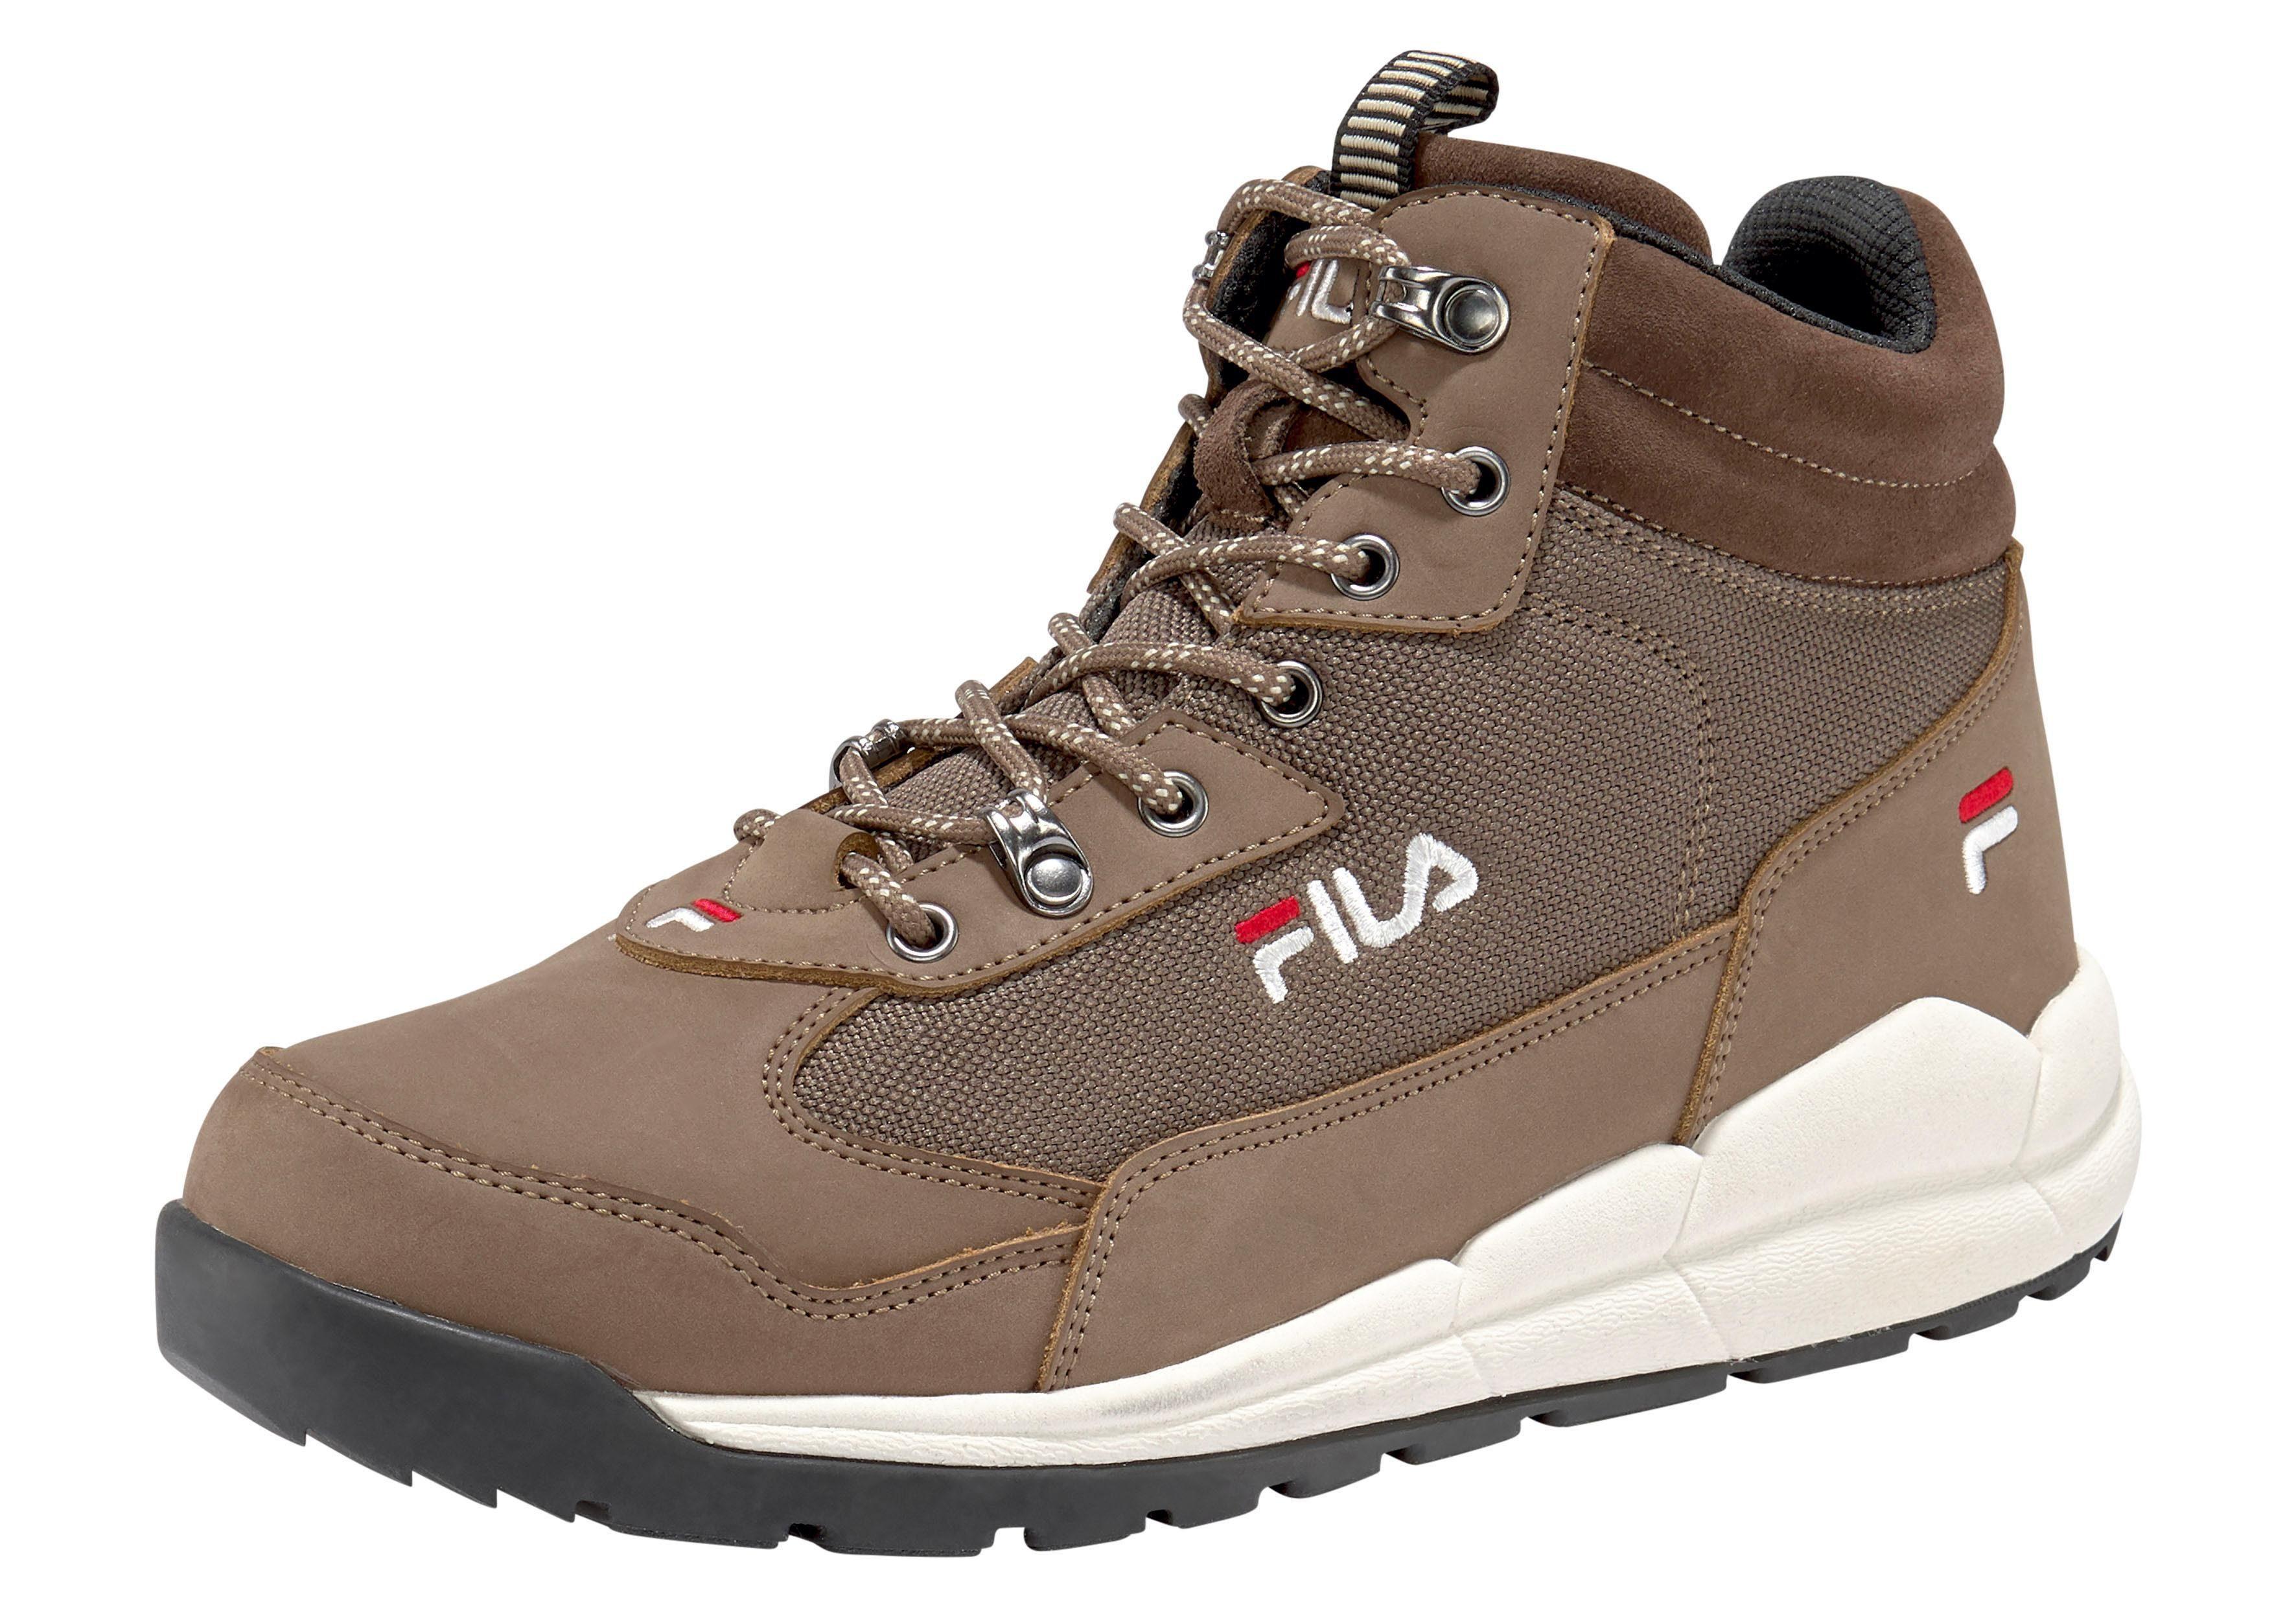 FILA HERREN TREKKING Schuh schwarz Neu EUR 49,90 | PicClick DE